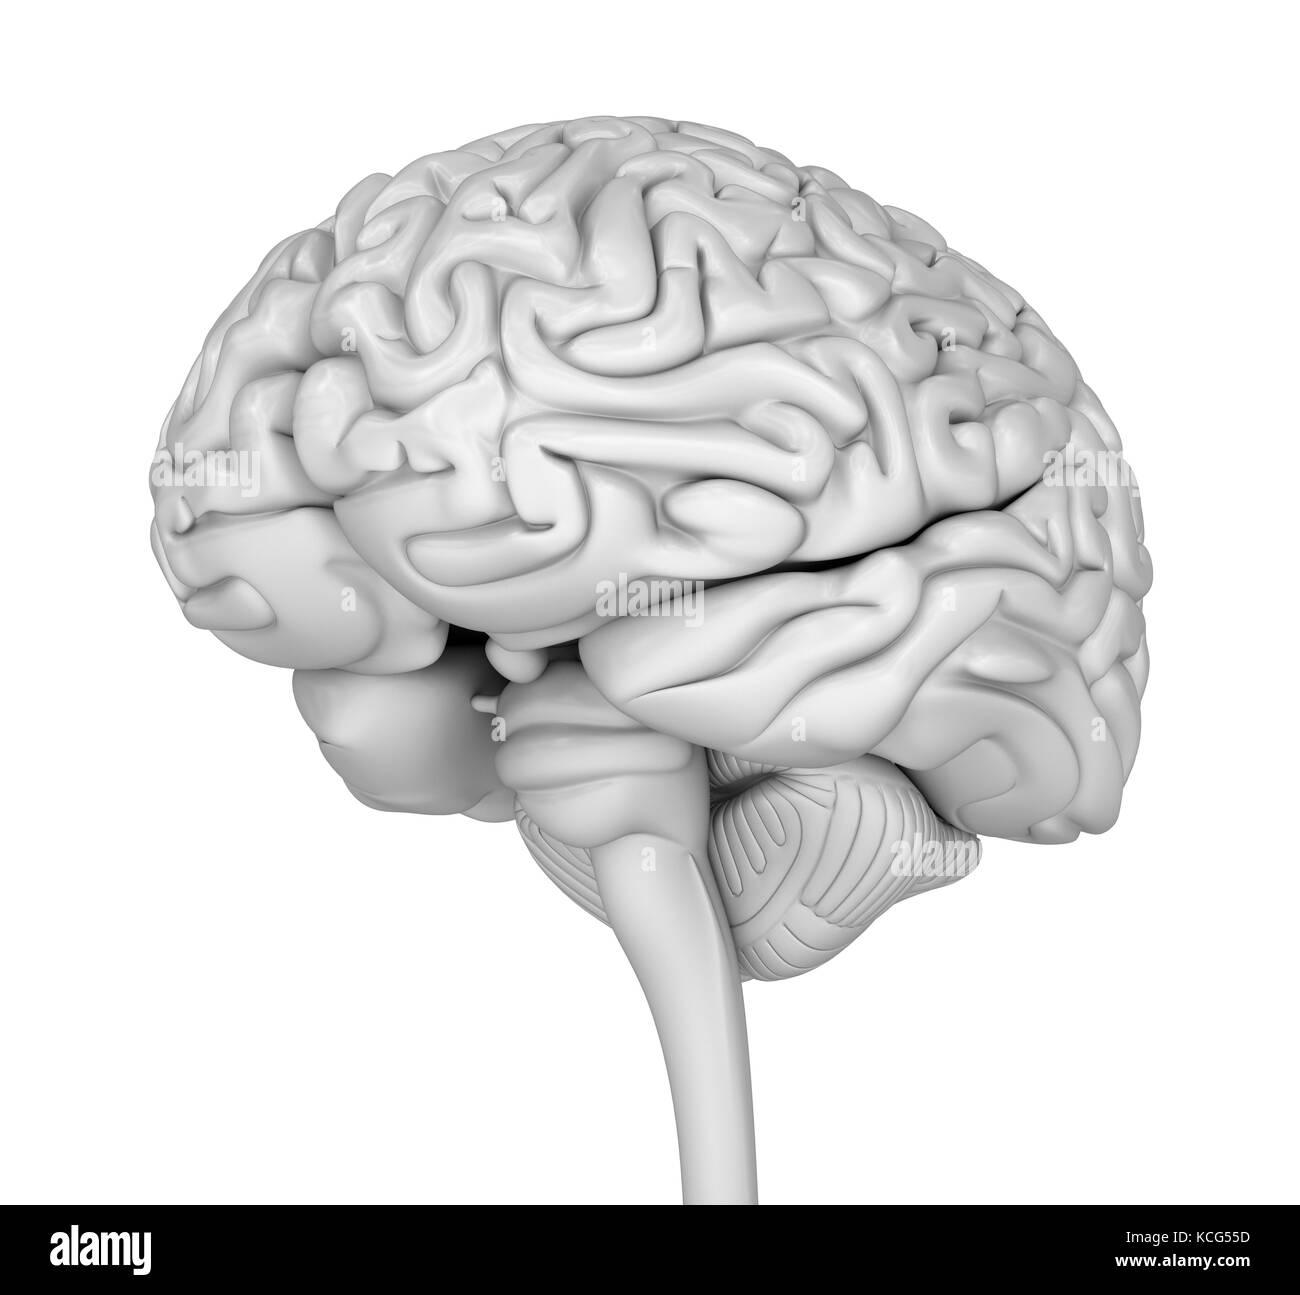 Großzügig Gehirn Anatomie 3d Modell Galerie - Menschliche Anatomie ...